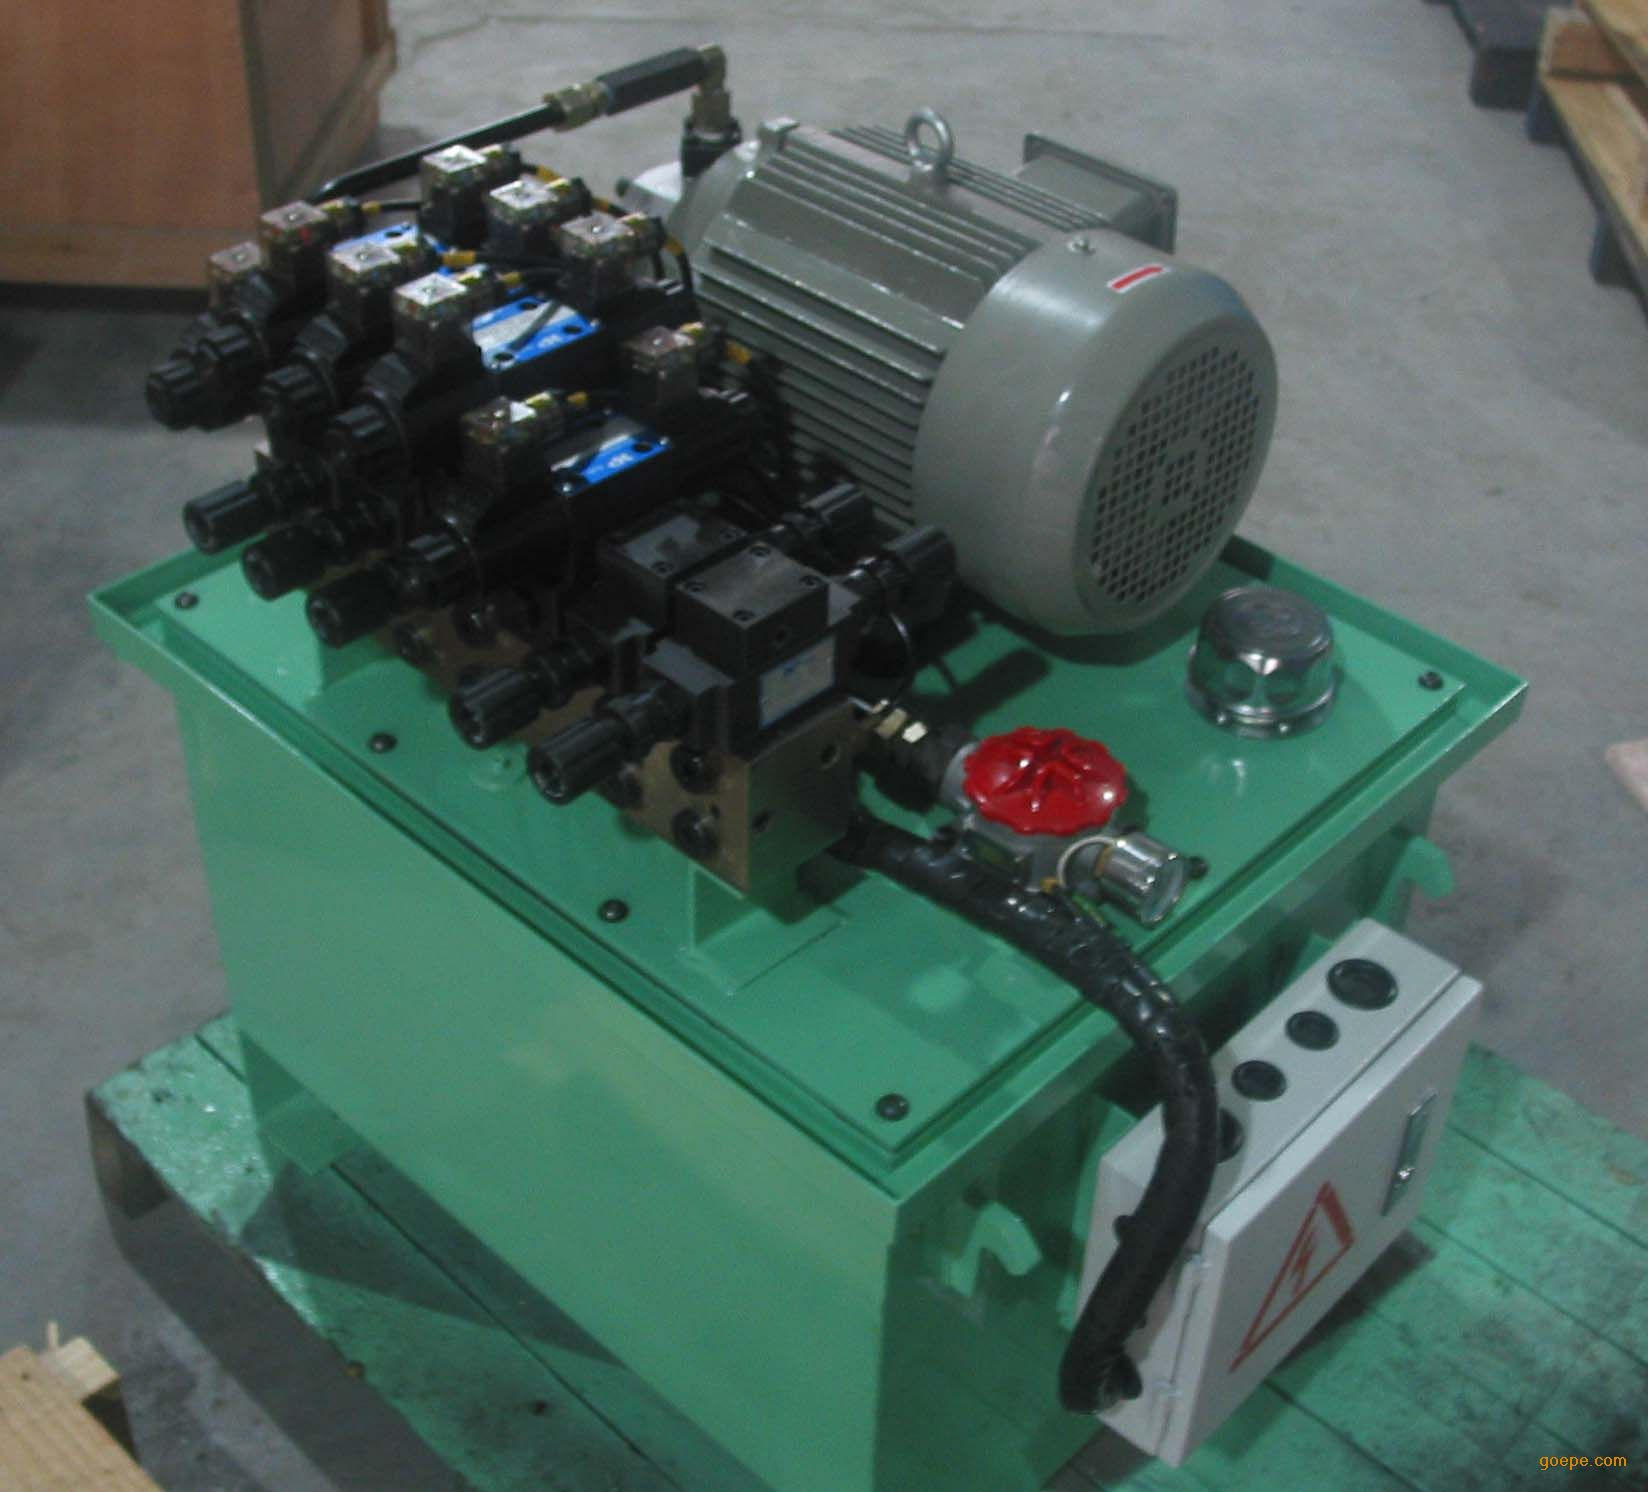 谷瀑环保设备网 液压机械与元件 上海然海液压机械科技有限公司 产品